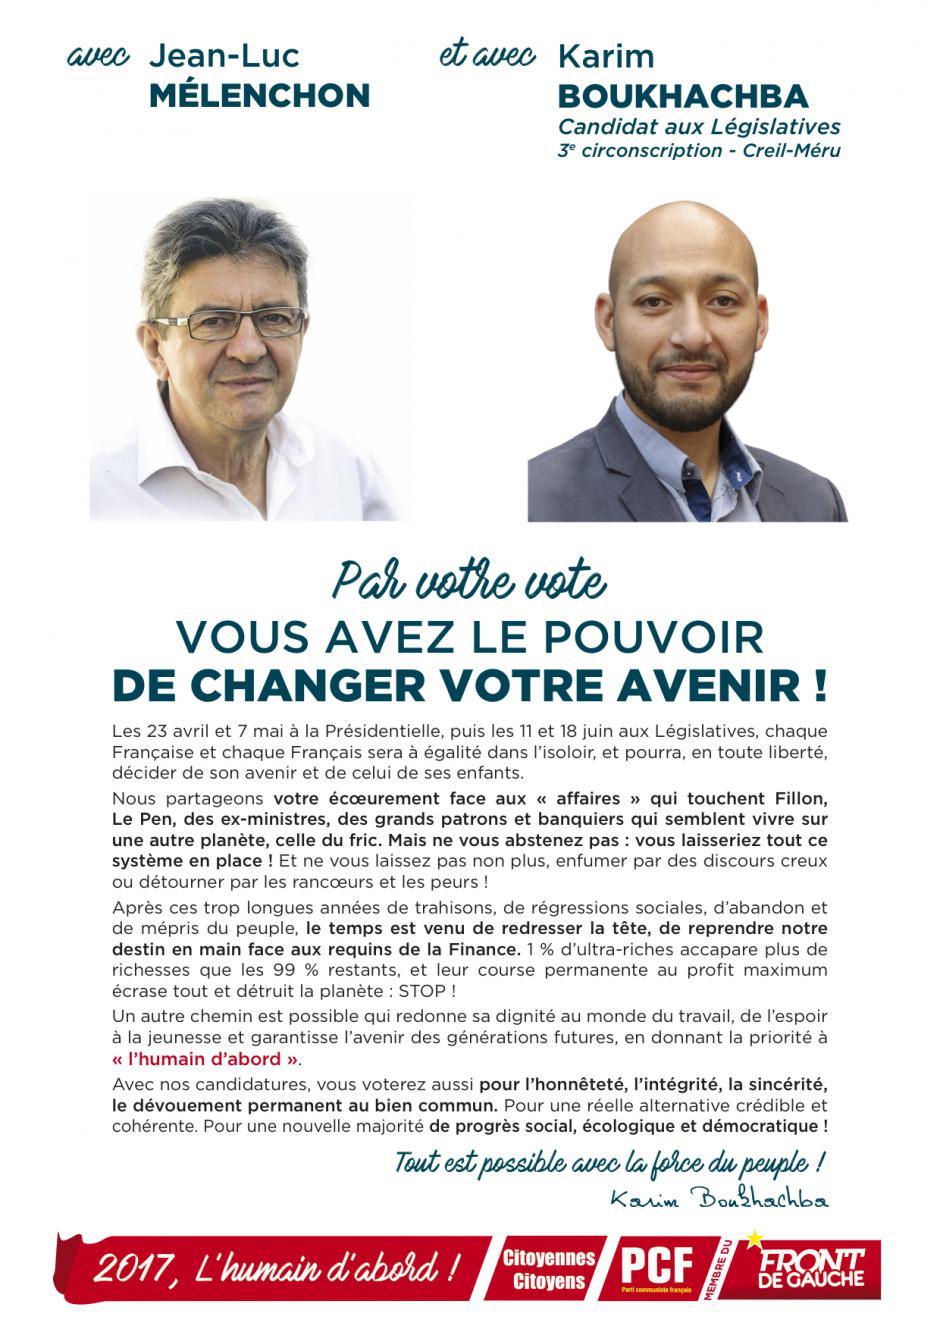 Tract « Avec Jean-Luc Mélenchon et avec Karim Boukhachba, par votre vote, vous avez le pouvoir de changer votre avenir » - 3e circonscription de l'Oise, 7 avril 2017